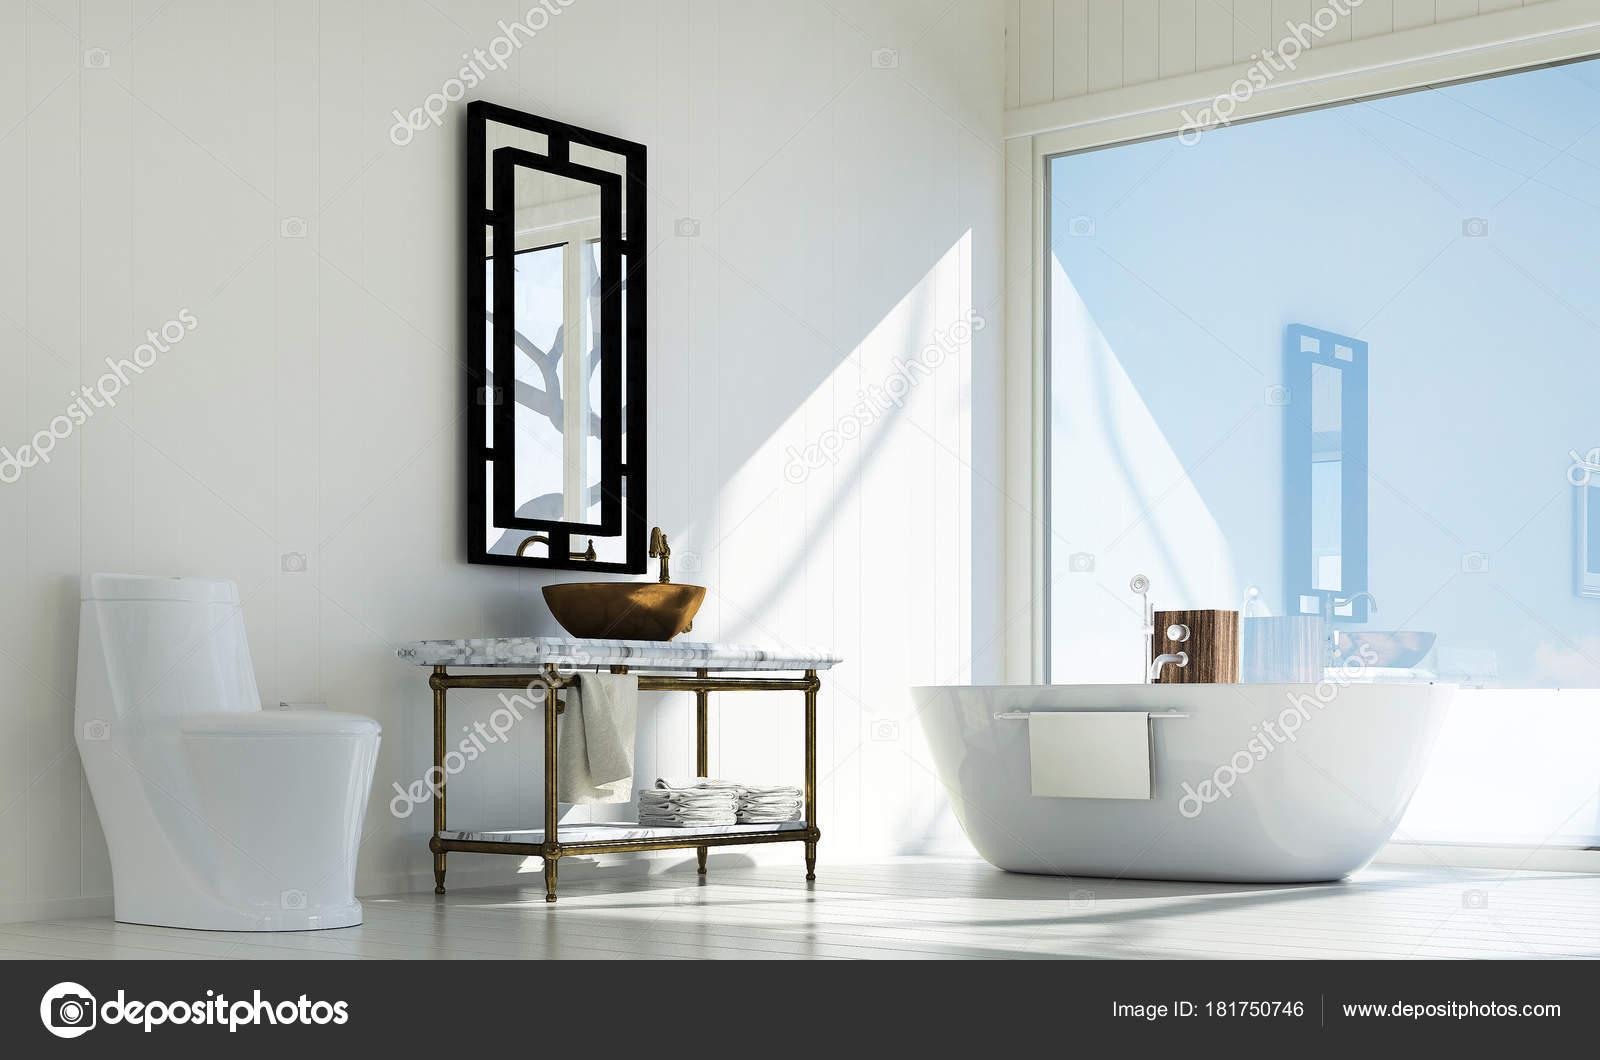 Les Intérieurs Salle Bain Luxe Design Idée Concept Blanc Texture ...